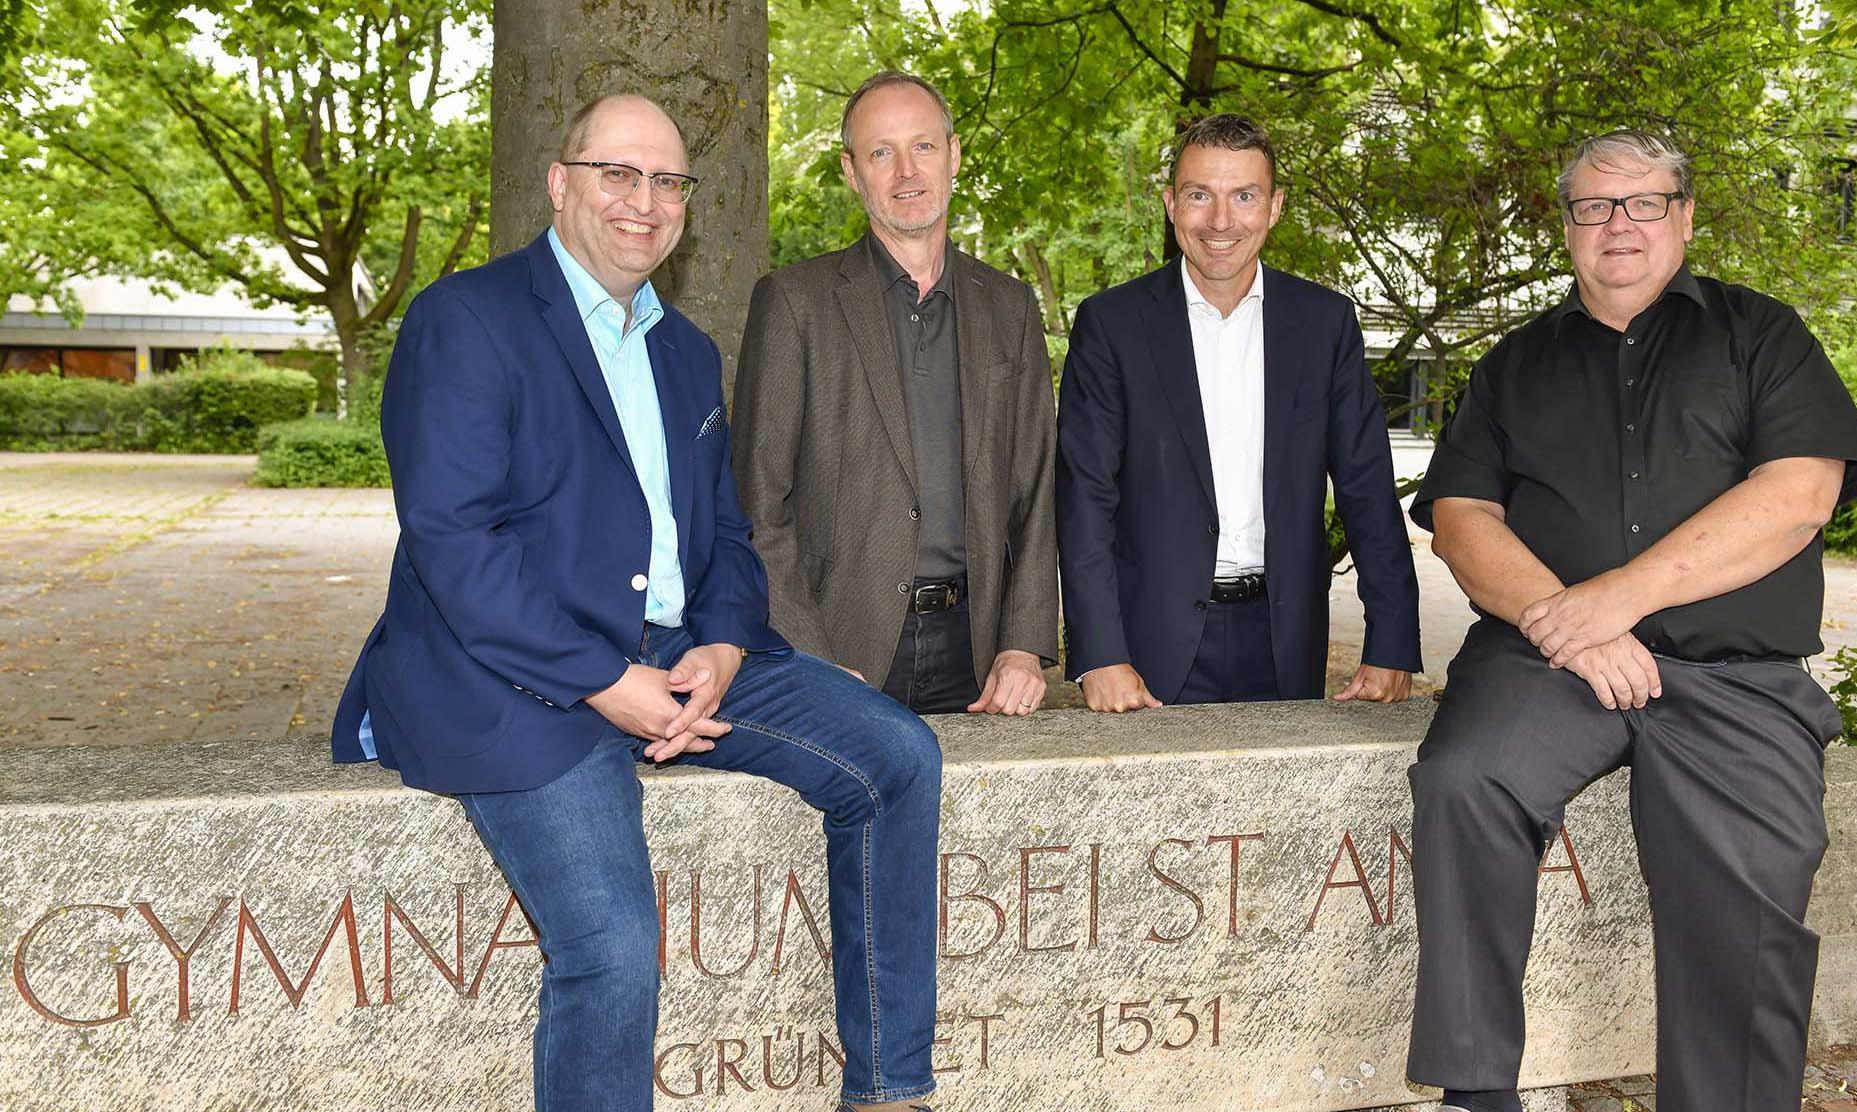 Förderverein St. Anna Gymnasium Augsburg Georg Erdmann, Bernd Raczkowsky, Martin Wöhrl, Stefan Düll, Foto Andreas Zilse